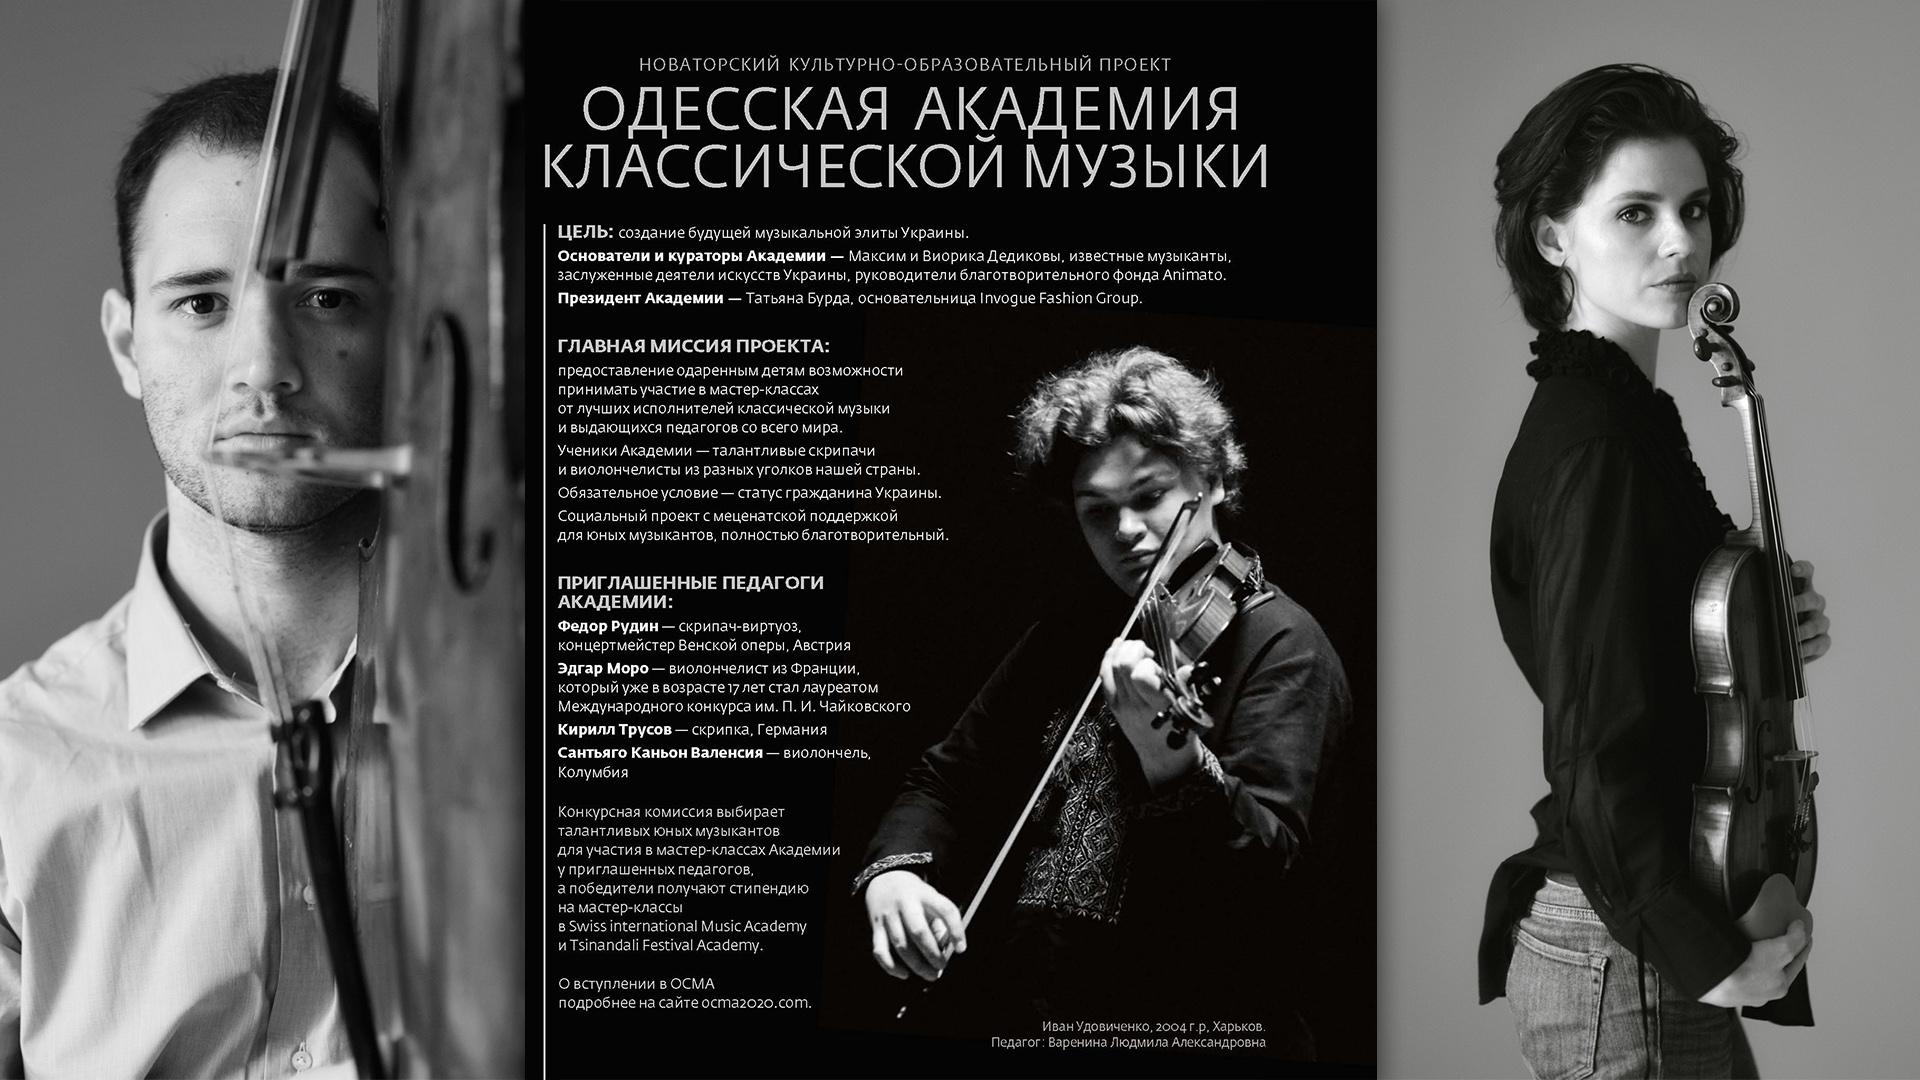 НОВЫЙ КУЛЬТУРНО-ОБРАЗОВАТЕЛЬНЫЙ ПРОЕКТ: Одесская академия классической музыки